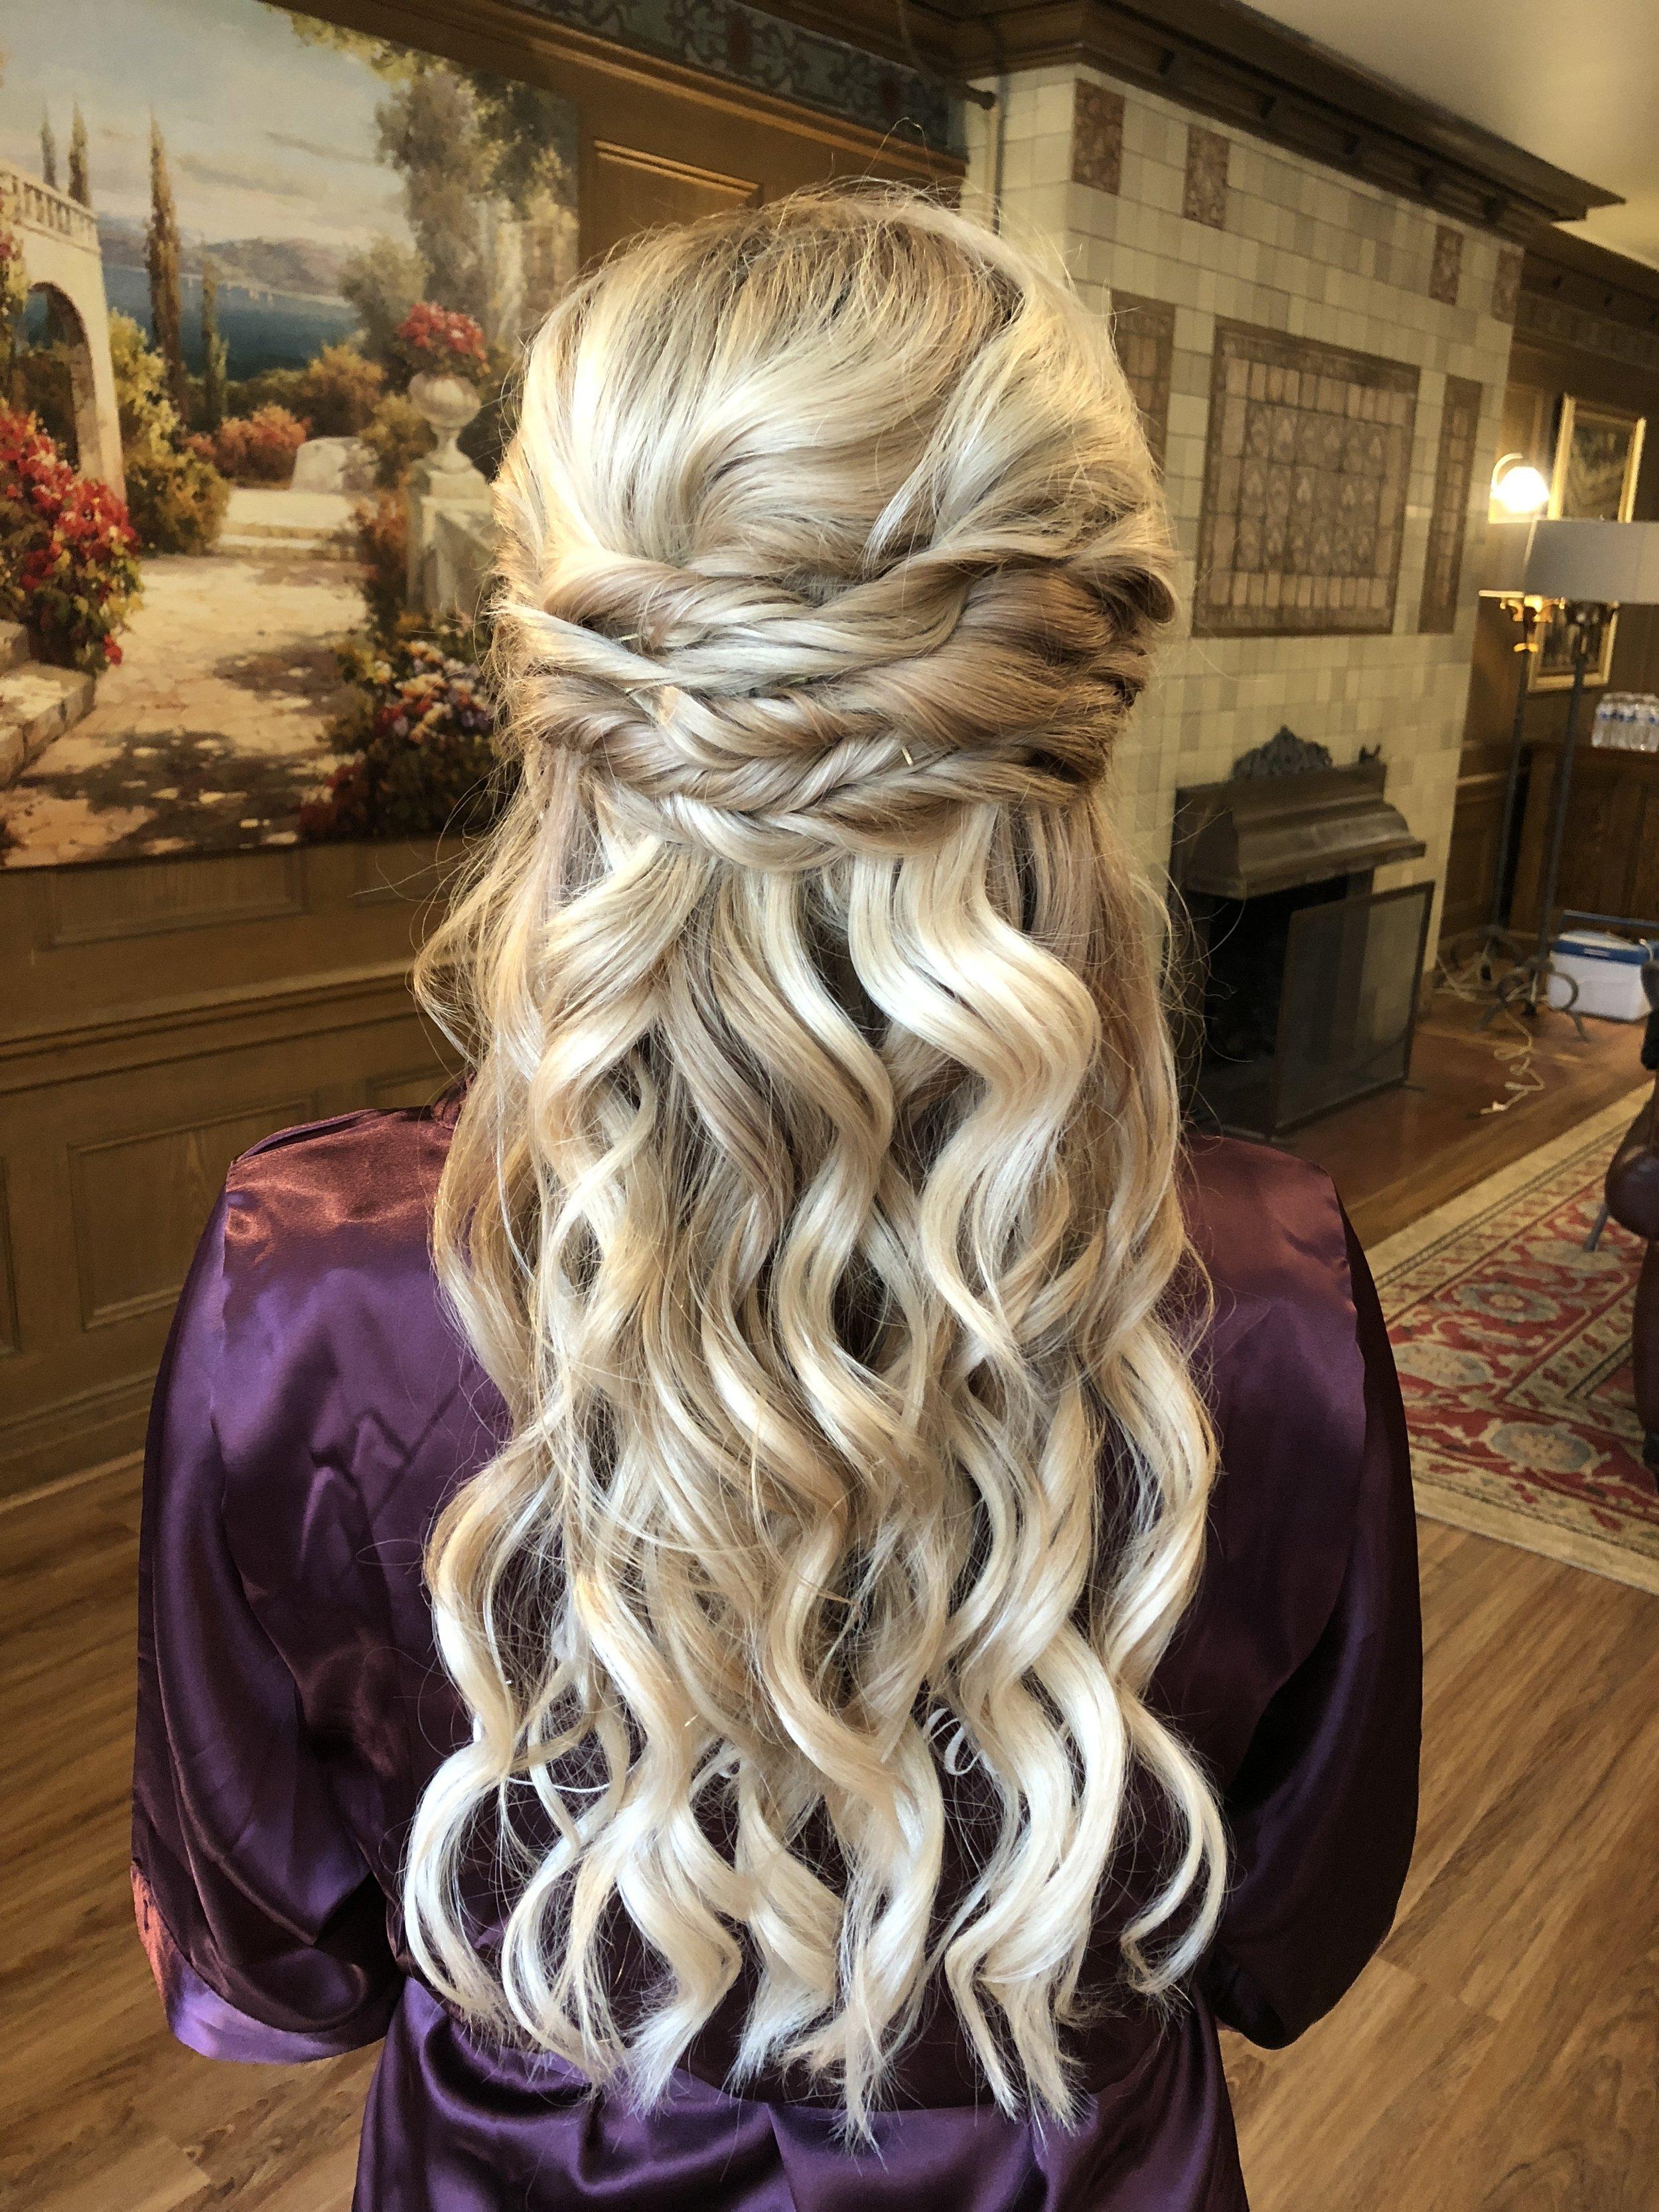 hair by Courtney gutzman